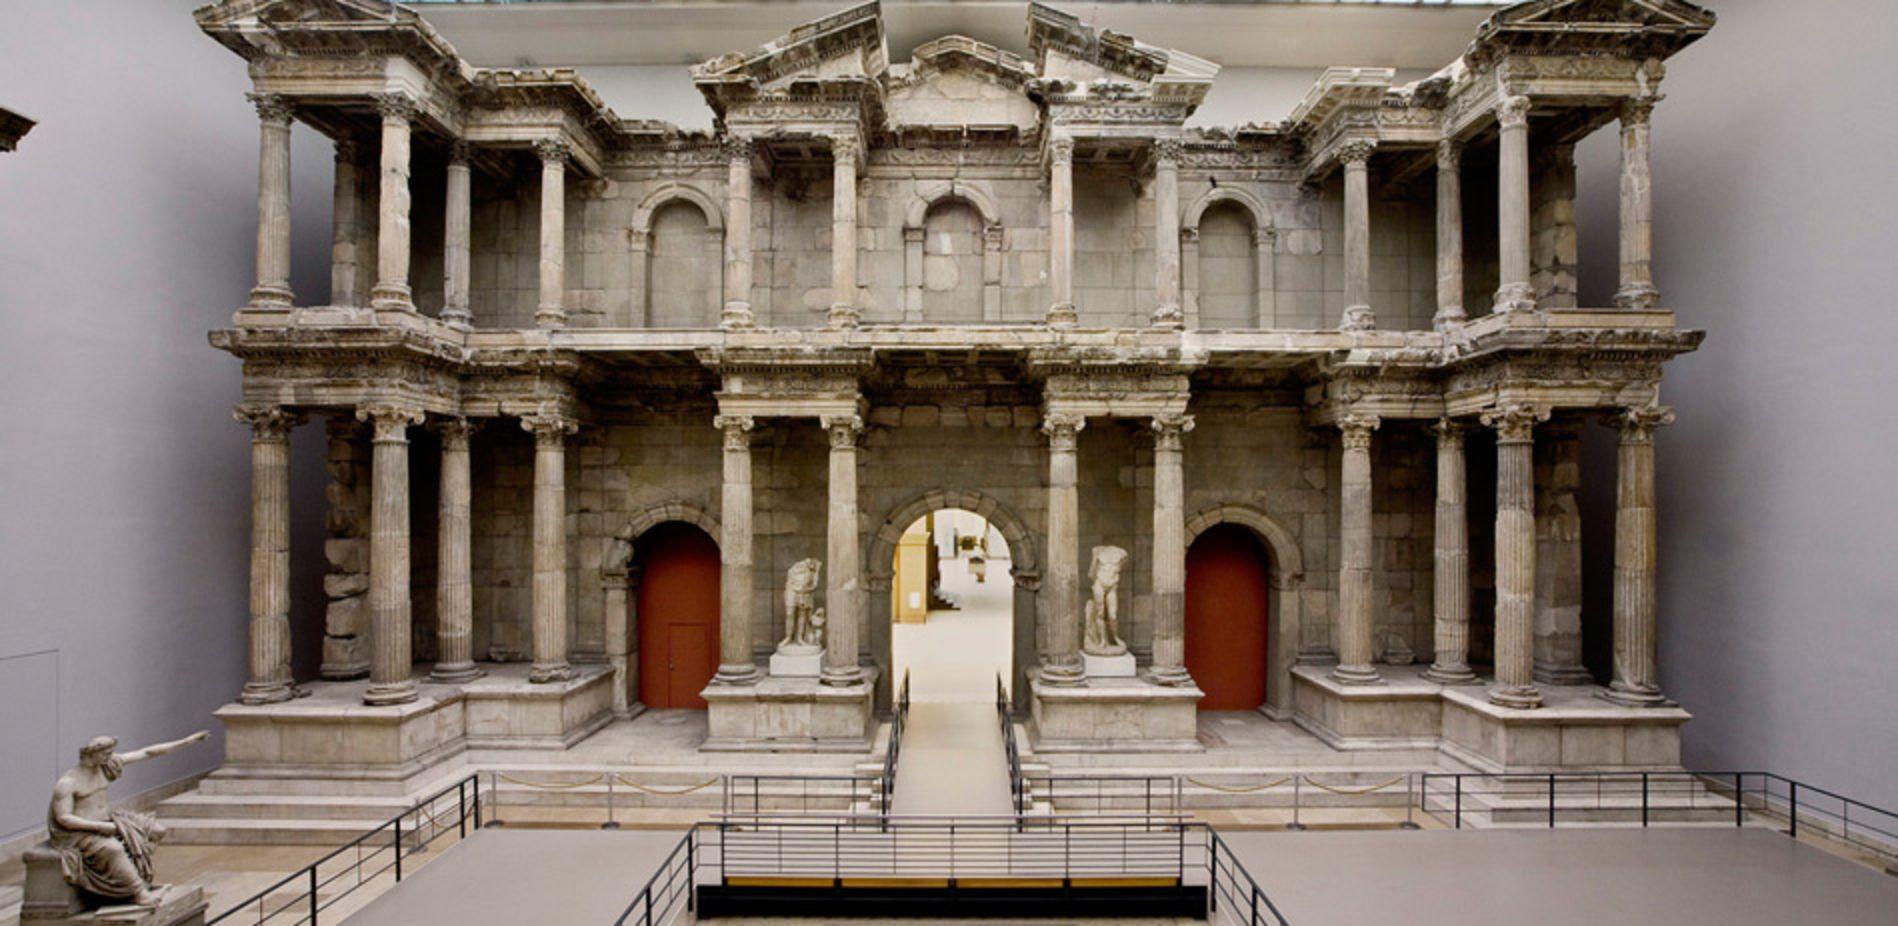 Blick Auf Das Rekonstruierte Markttor Von Milet Museum Insel Museumsinsel Berlin Museum